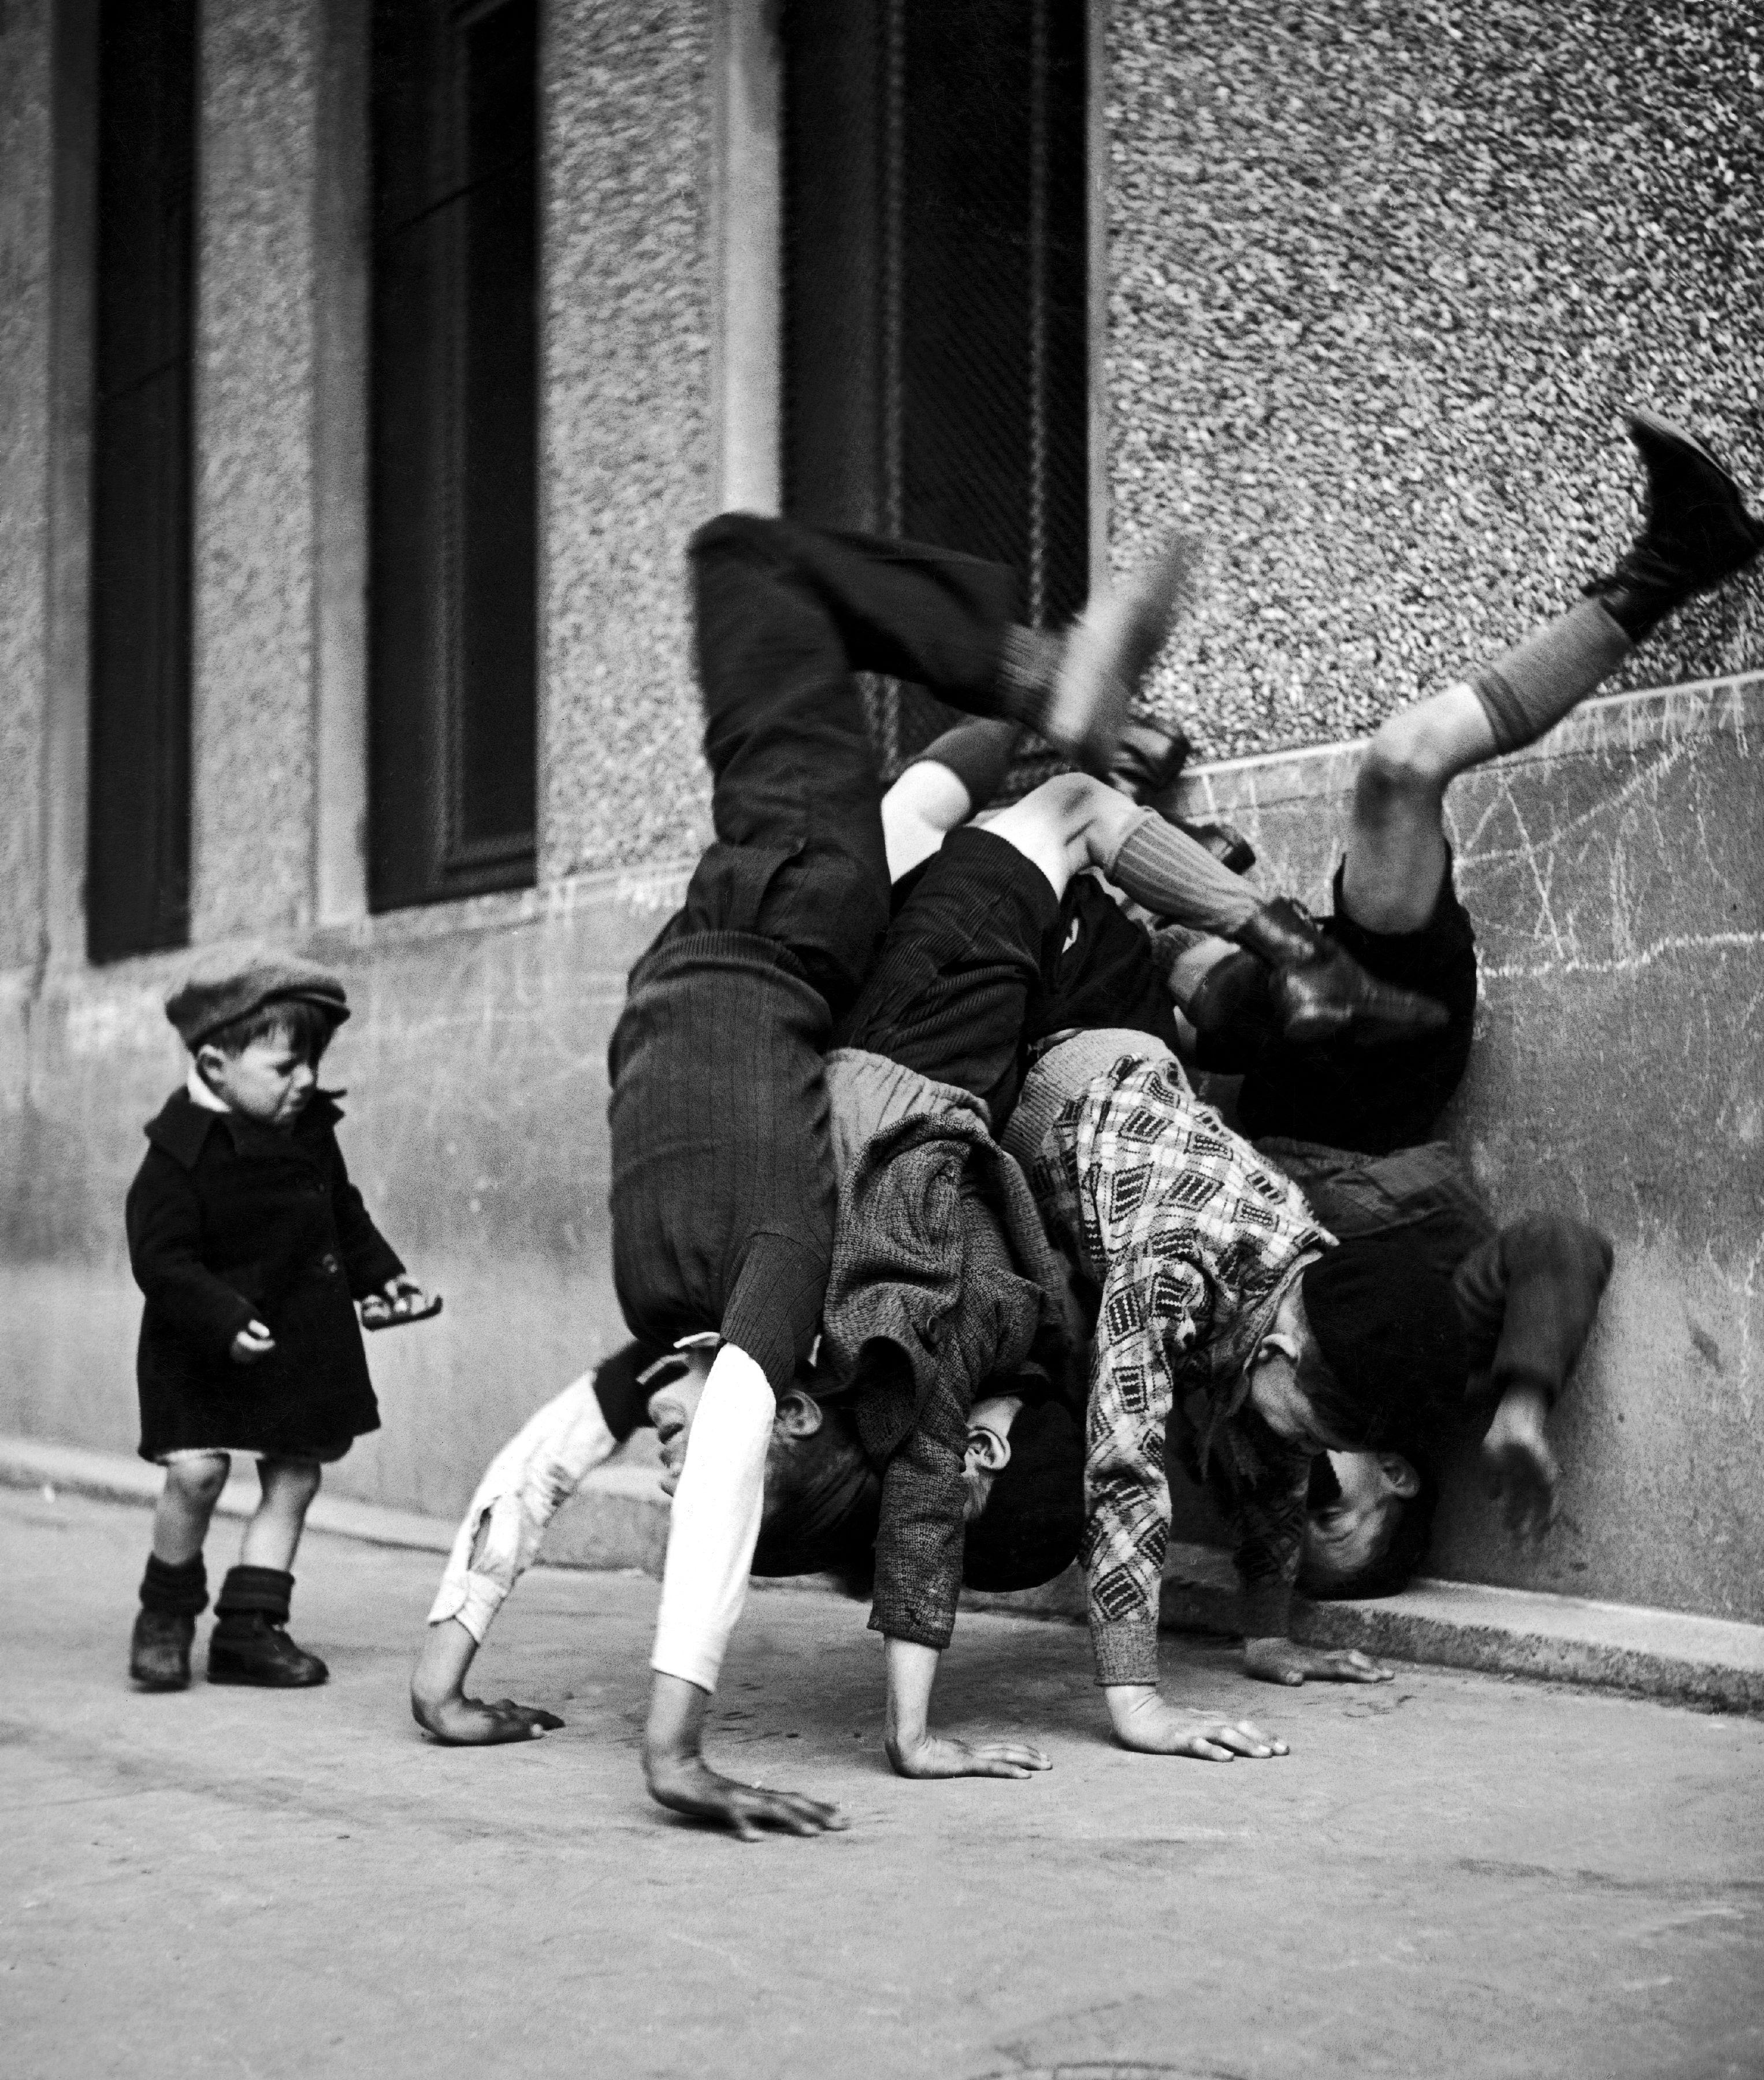 Enfants jouant à faire le poirier, rue des peupliers, 1934, Paris 13ème, France.